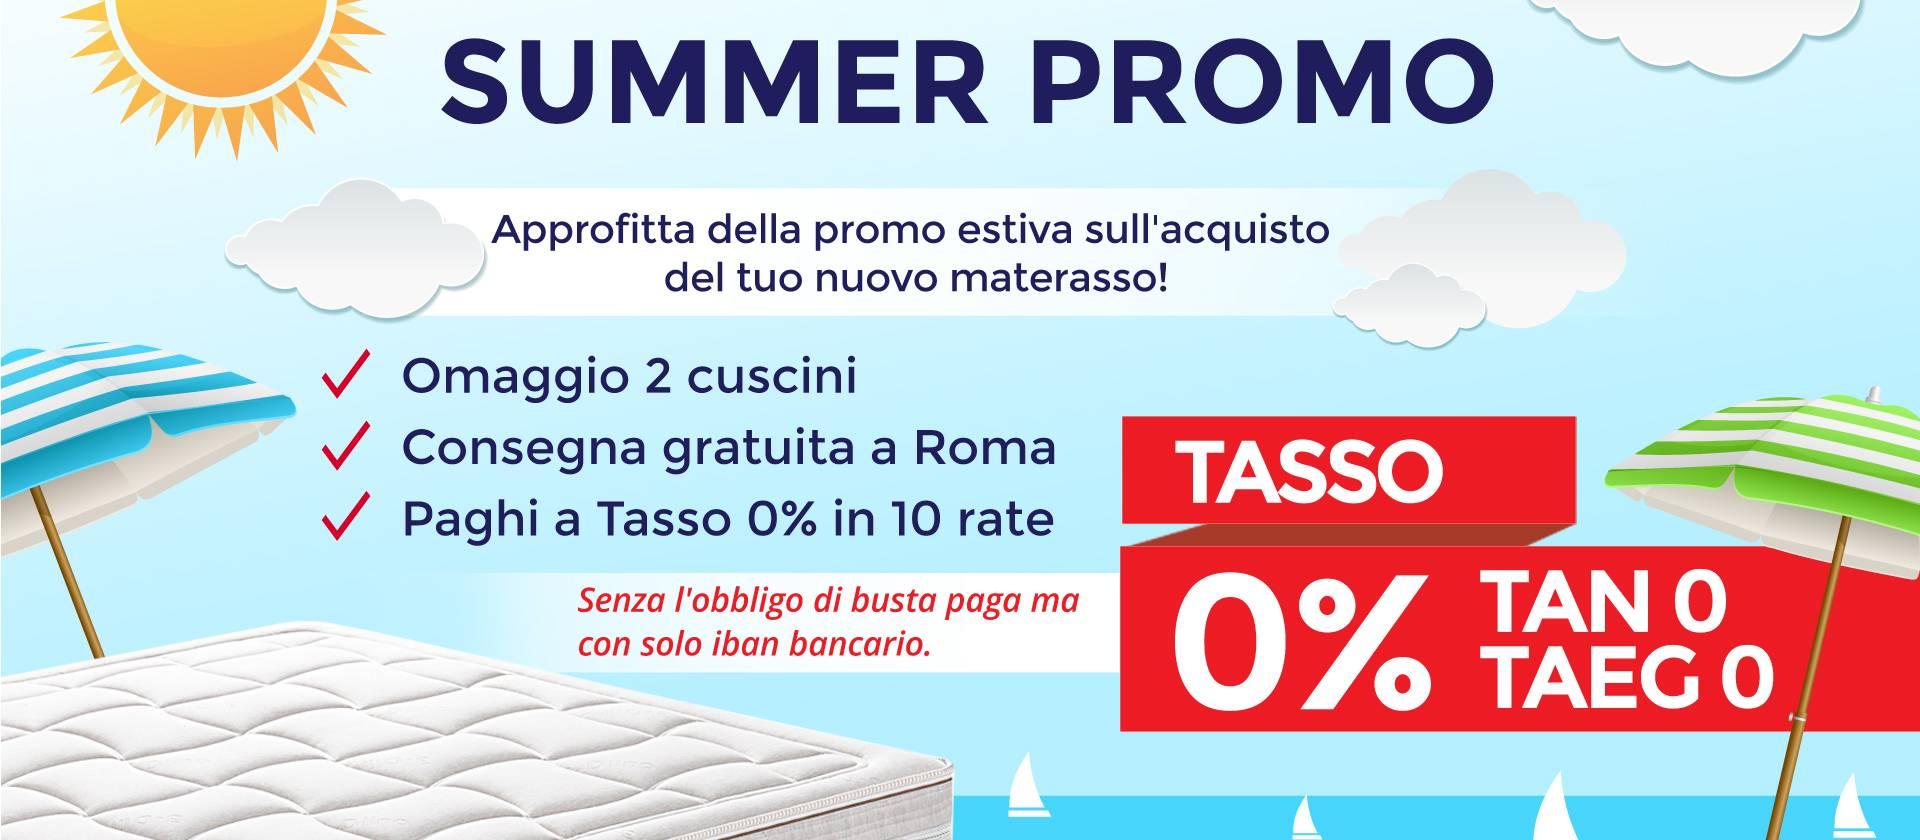 Materassi roma summer promo